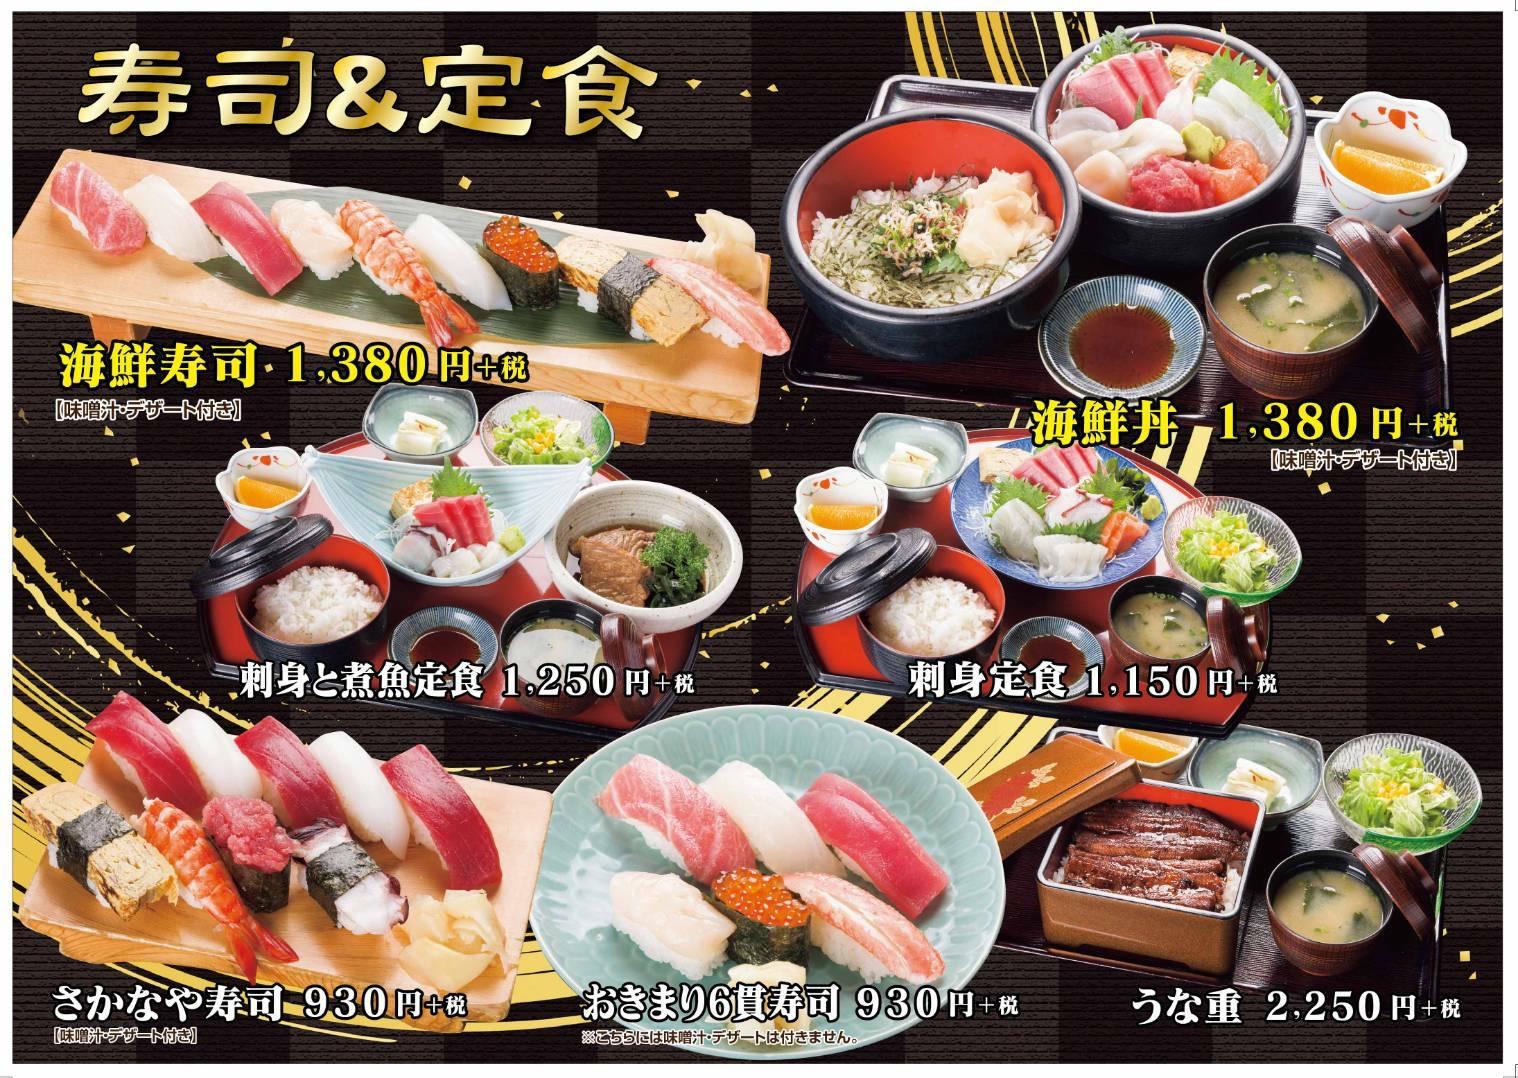 寿司&定食メニュー